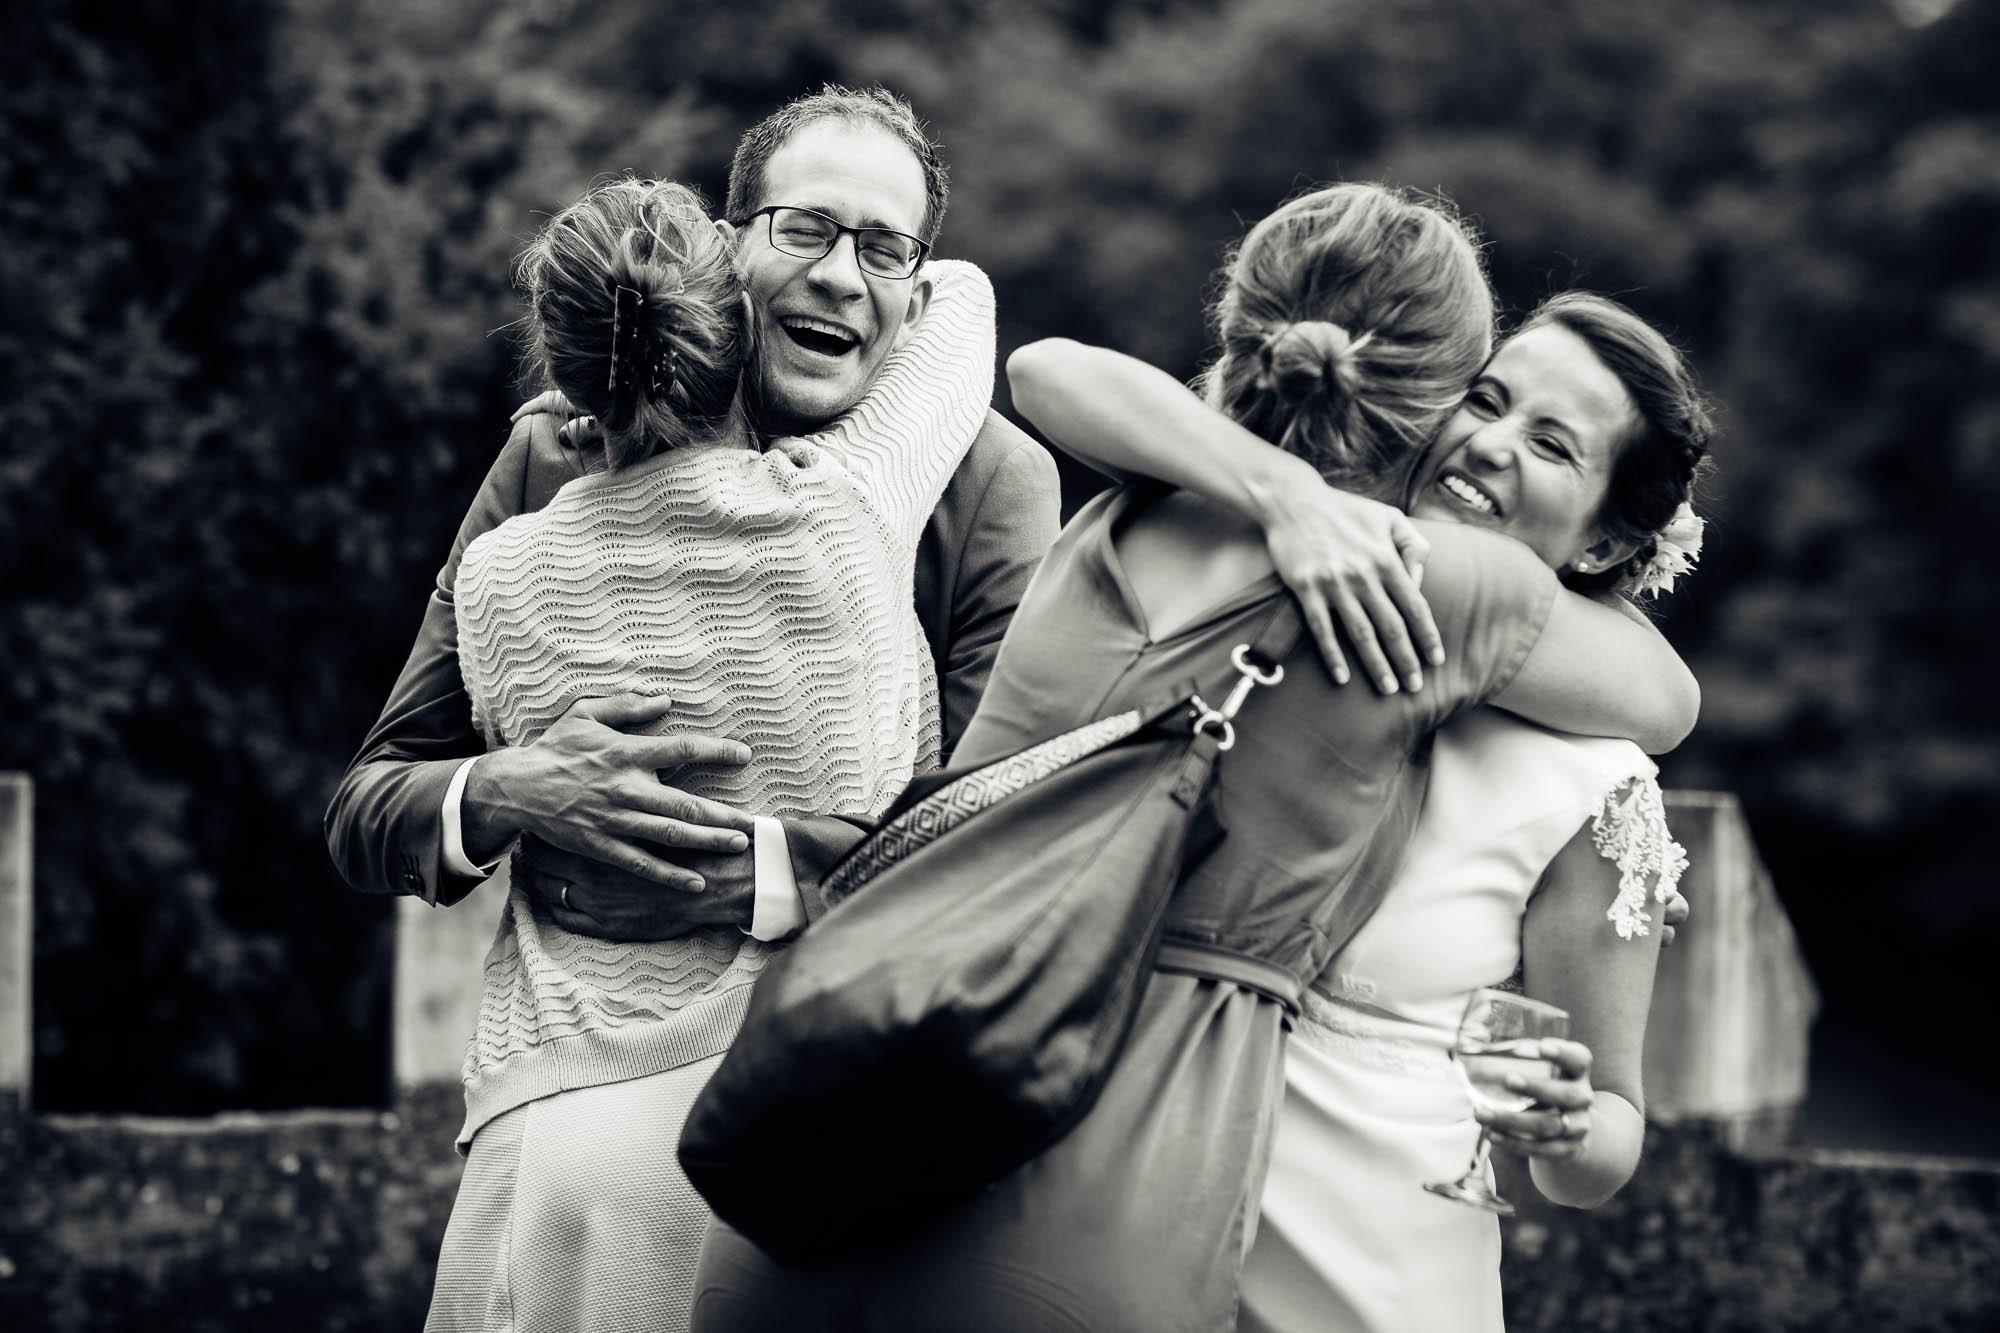 Umarmend, lachend wird dem Brautpaar gratuliert